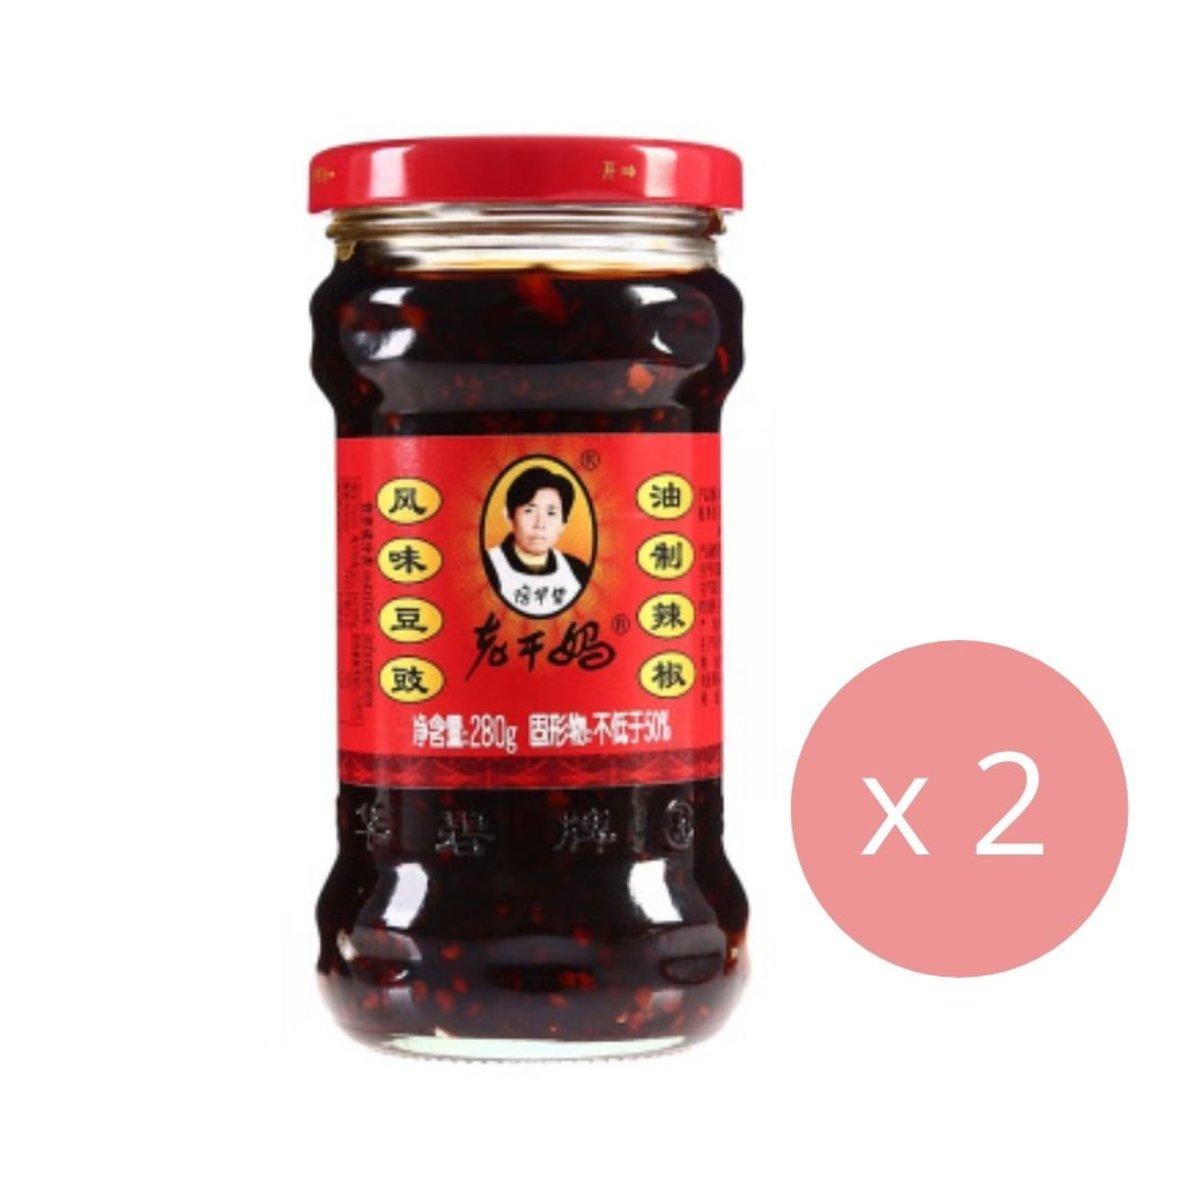 Black Beans Chilli (2 bottles pack)